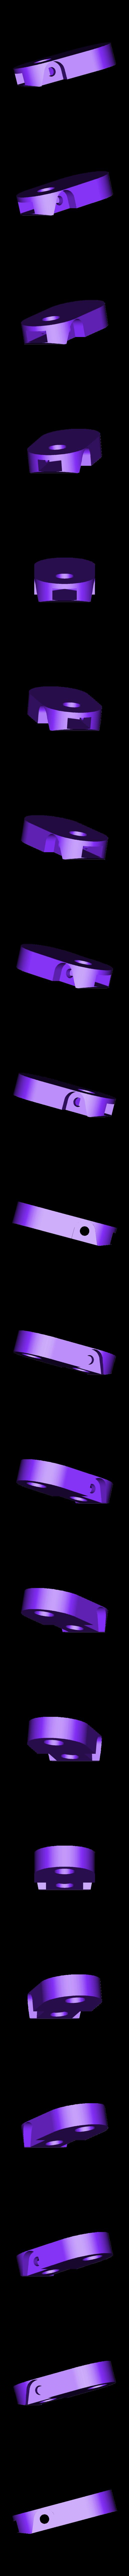 GRIP_BODY.stl Télécharger fichier STL gratuit Alimentateur de filaments horizontaux pour la chambre d'impression • Plan à imprimer en 3D, theveel